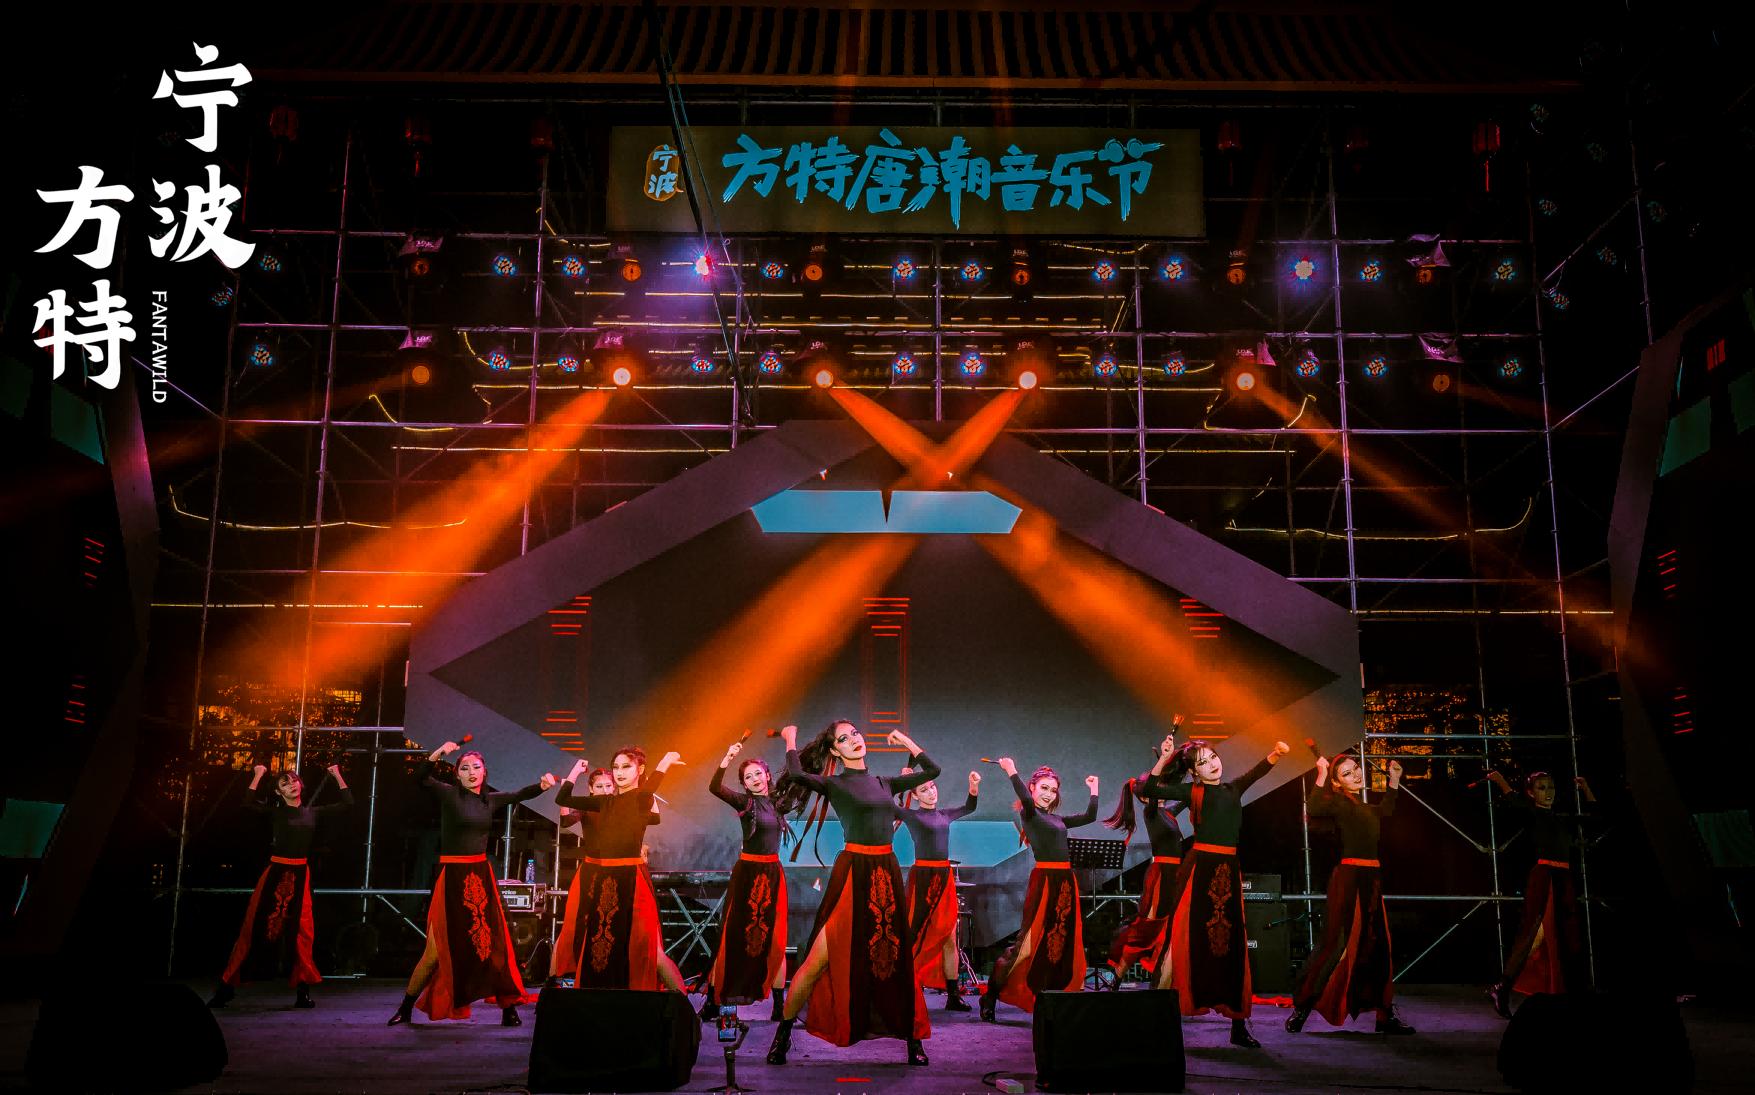 方特唐潮音乐节